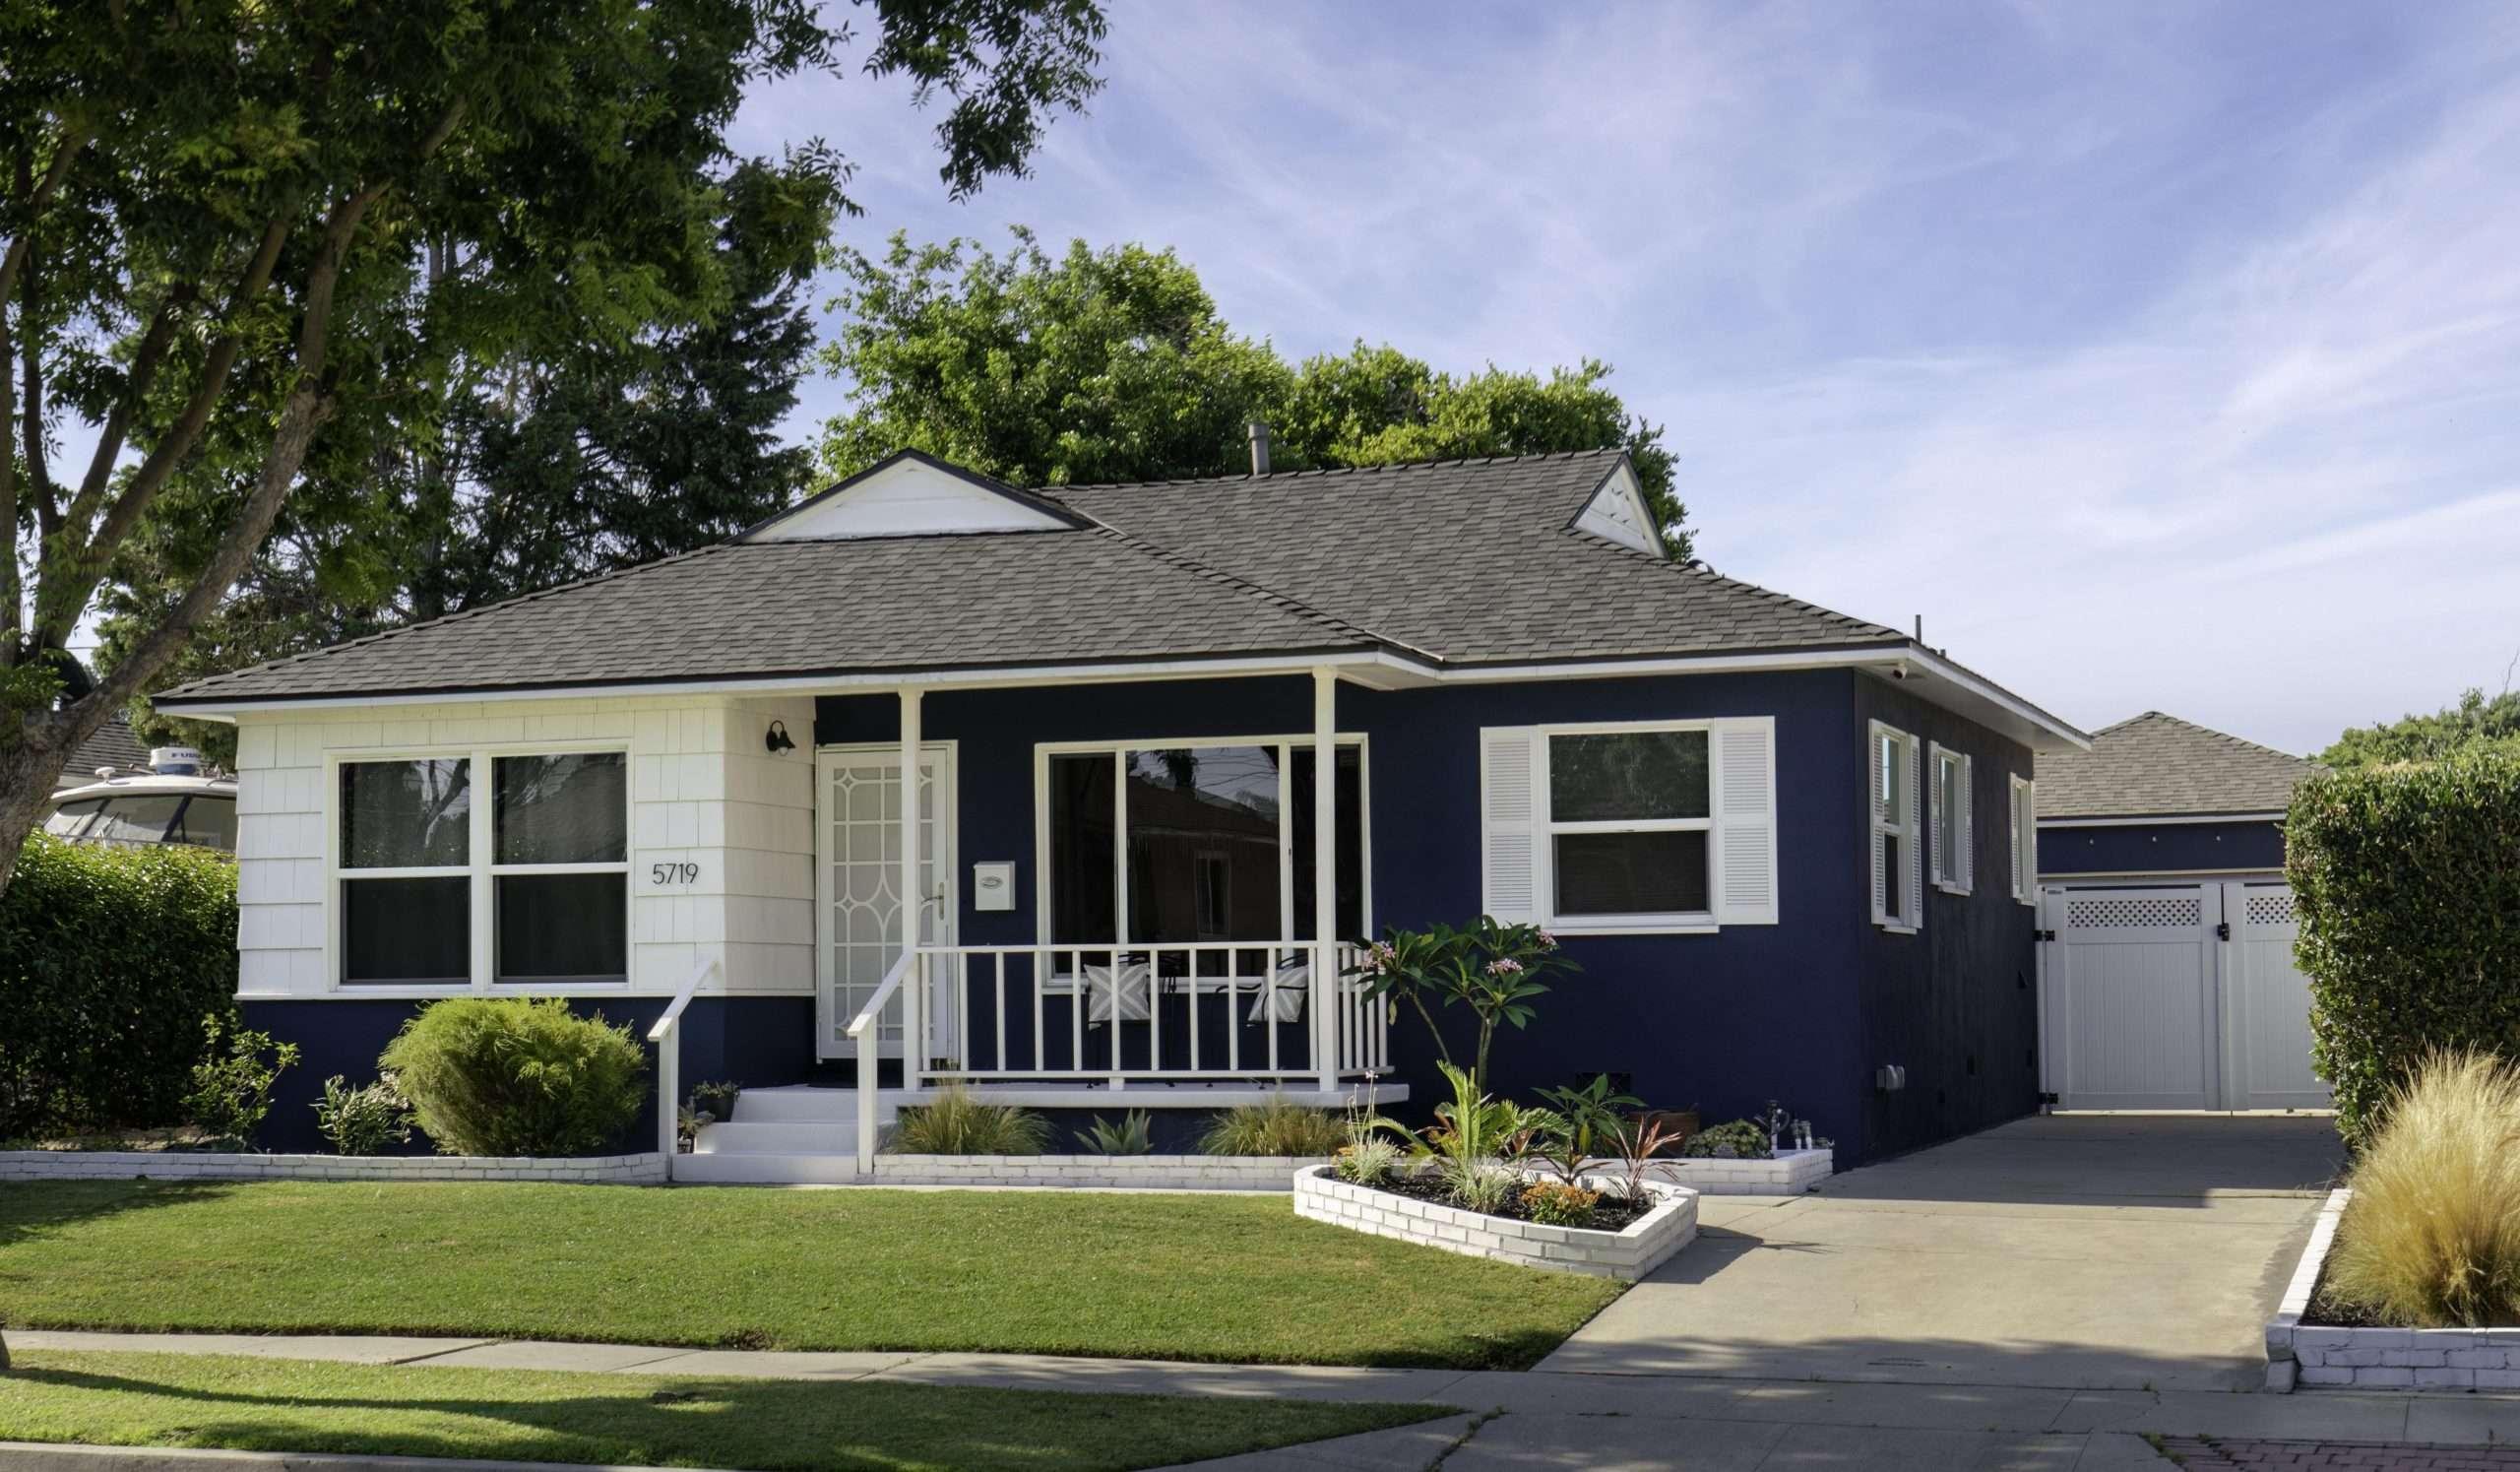 5719 Bigelow Street, Lakewood 90713